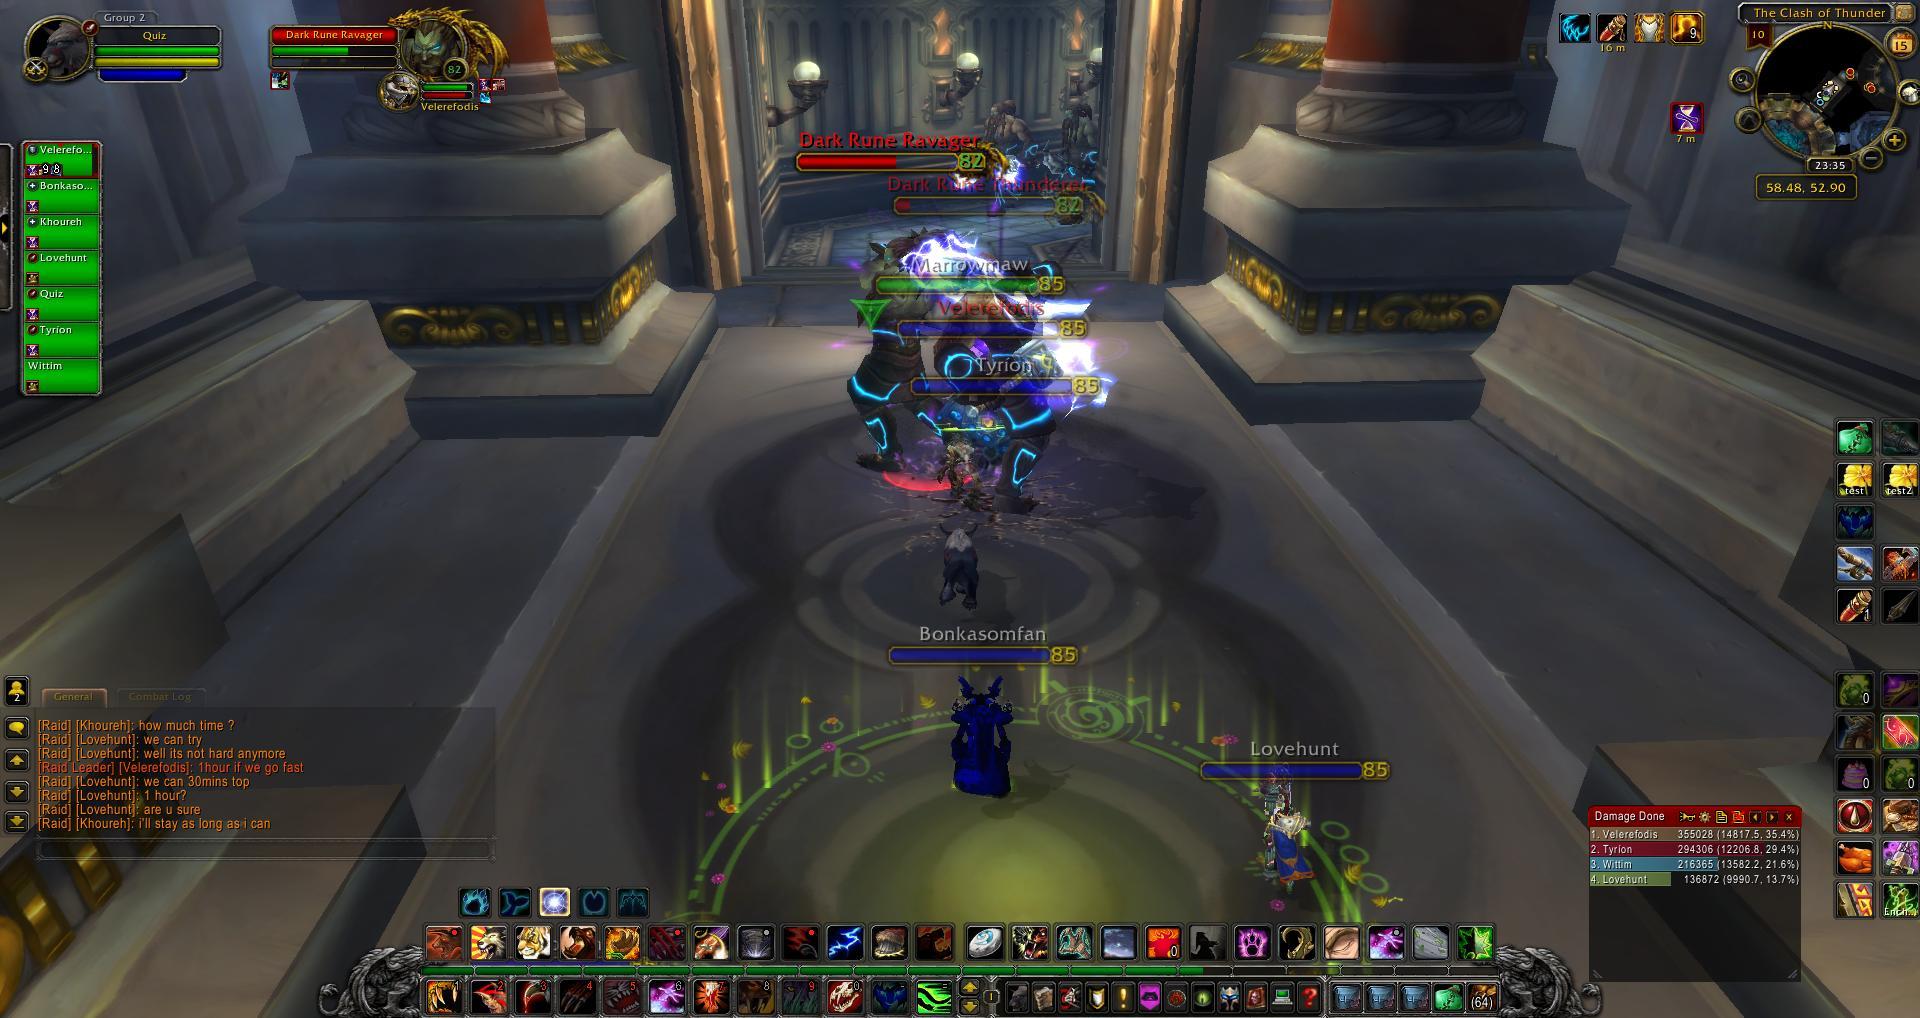 Dark Rune Ravager Wow Screenshot